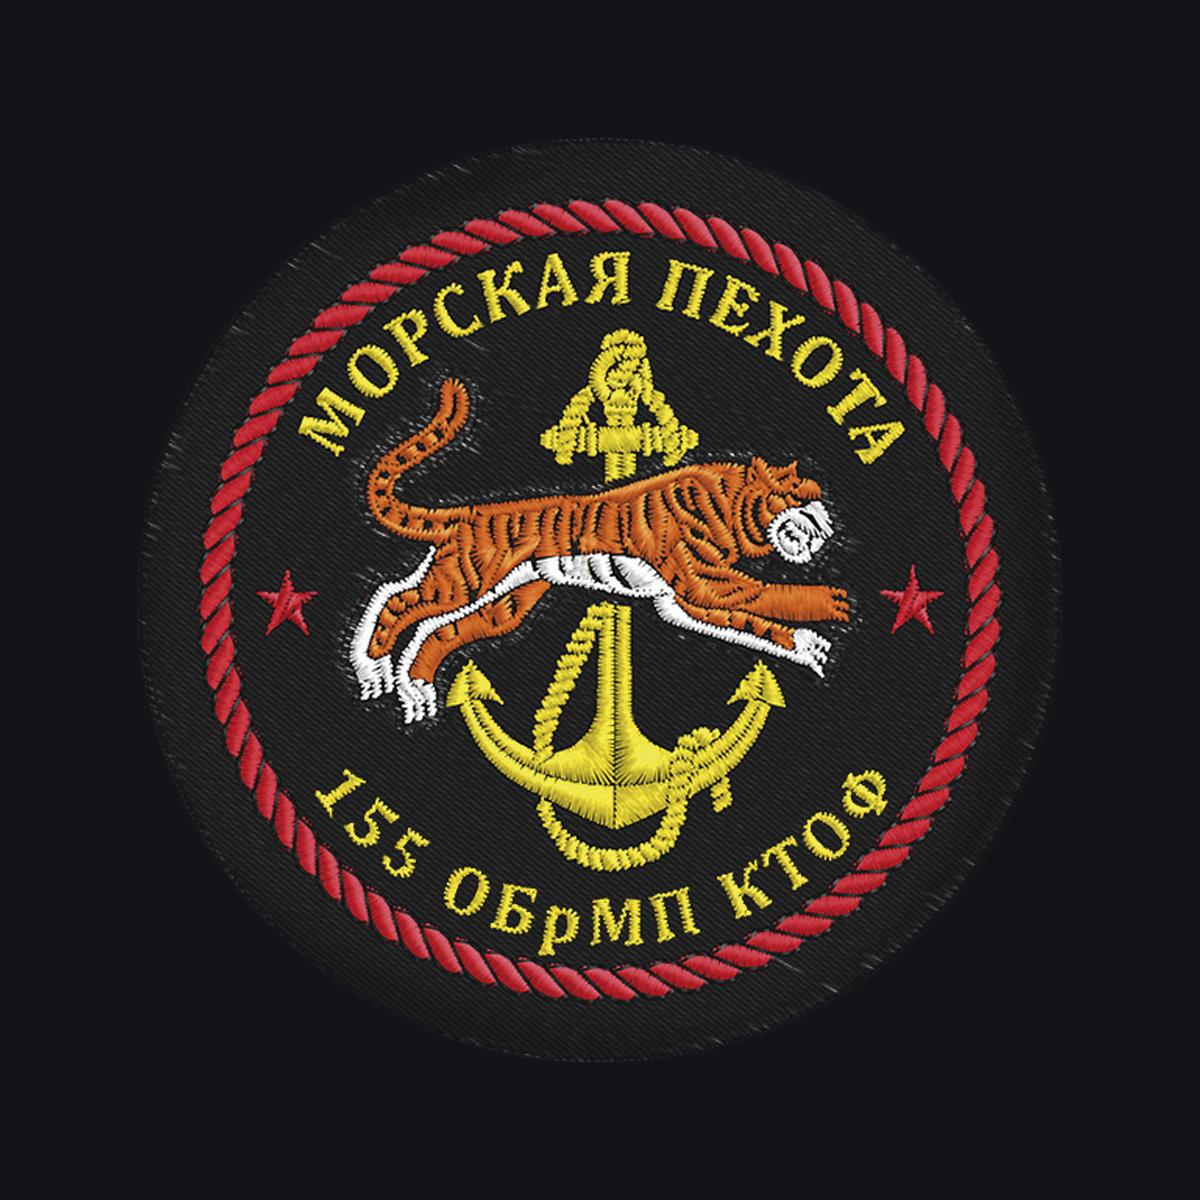 Строгая мужская футболка с вышивкой Морпехи 155 ОБрМП КТОФ - купить оптом